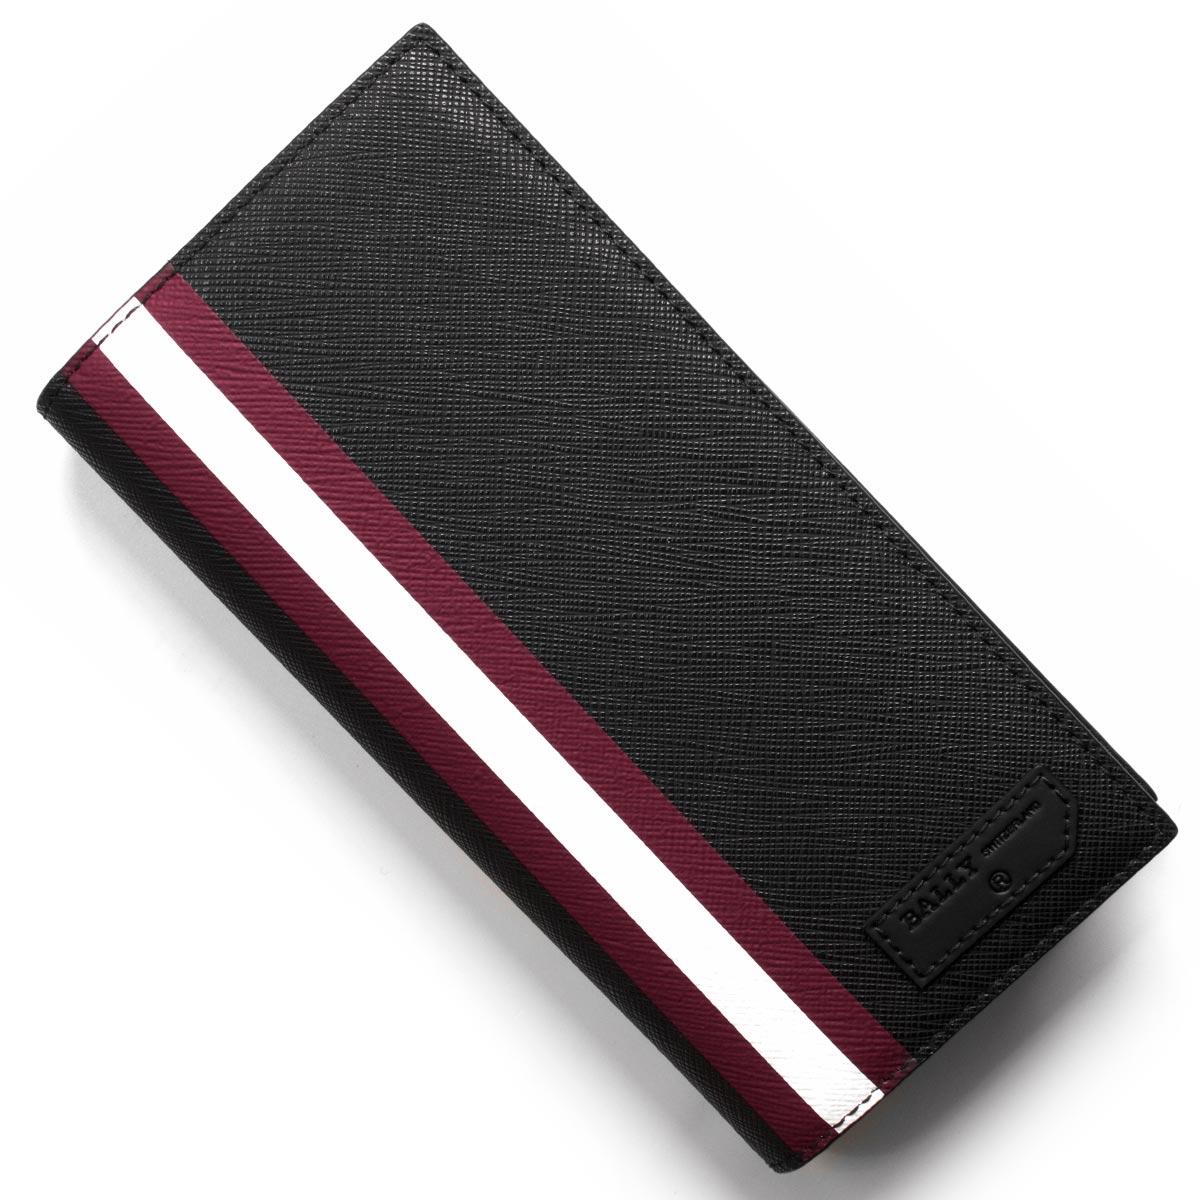 バリー 長財布 財布 メンズ バリロ ブラック BALIROOF 36 6224346 BALLY